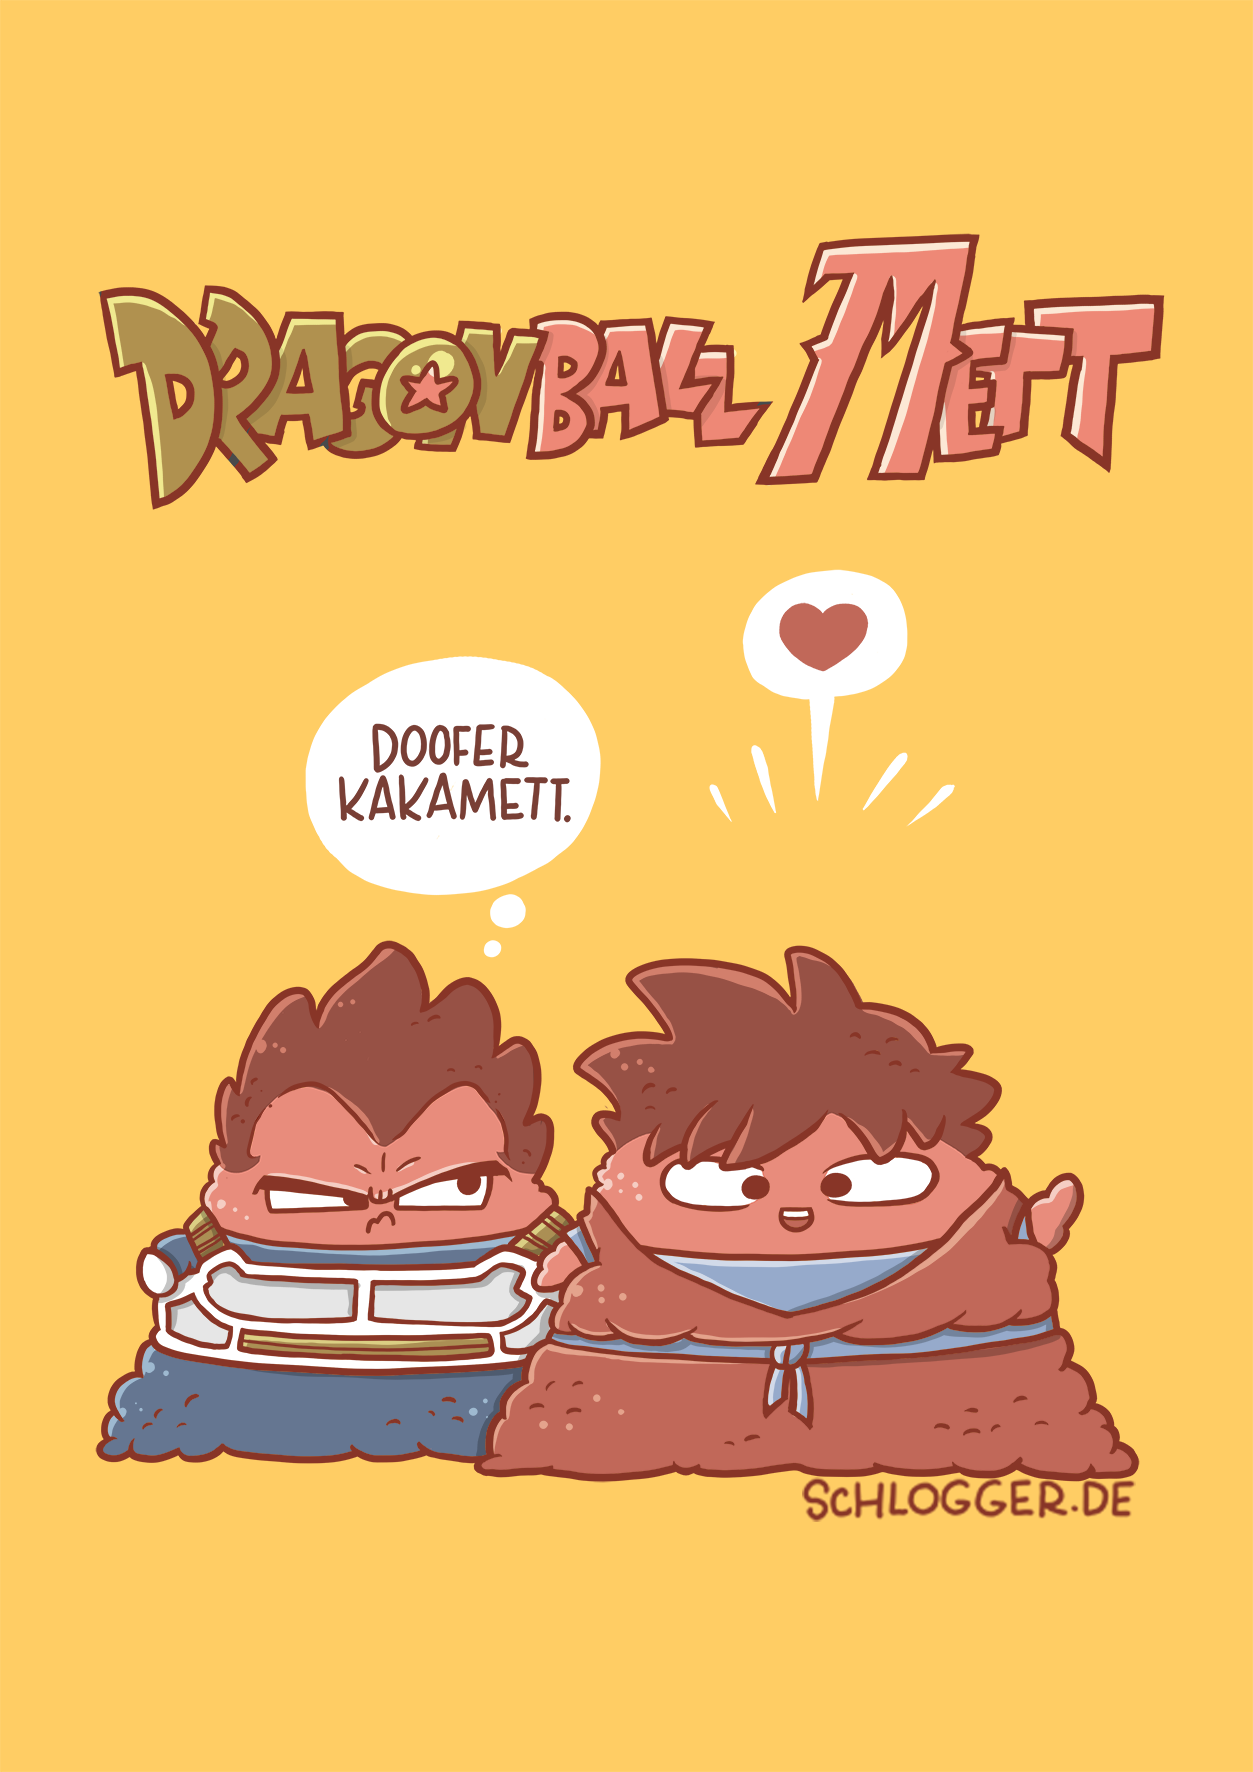 Dragonball Mett